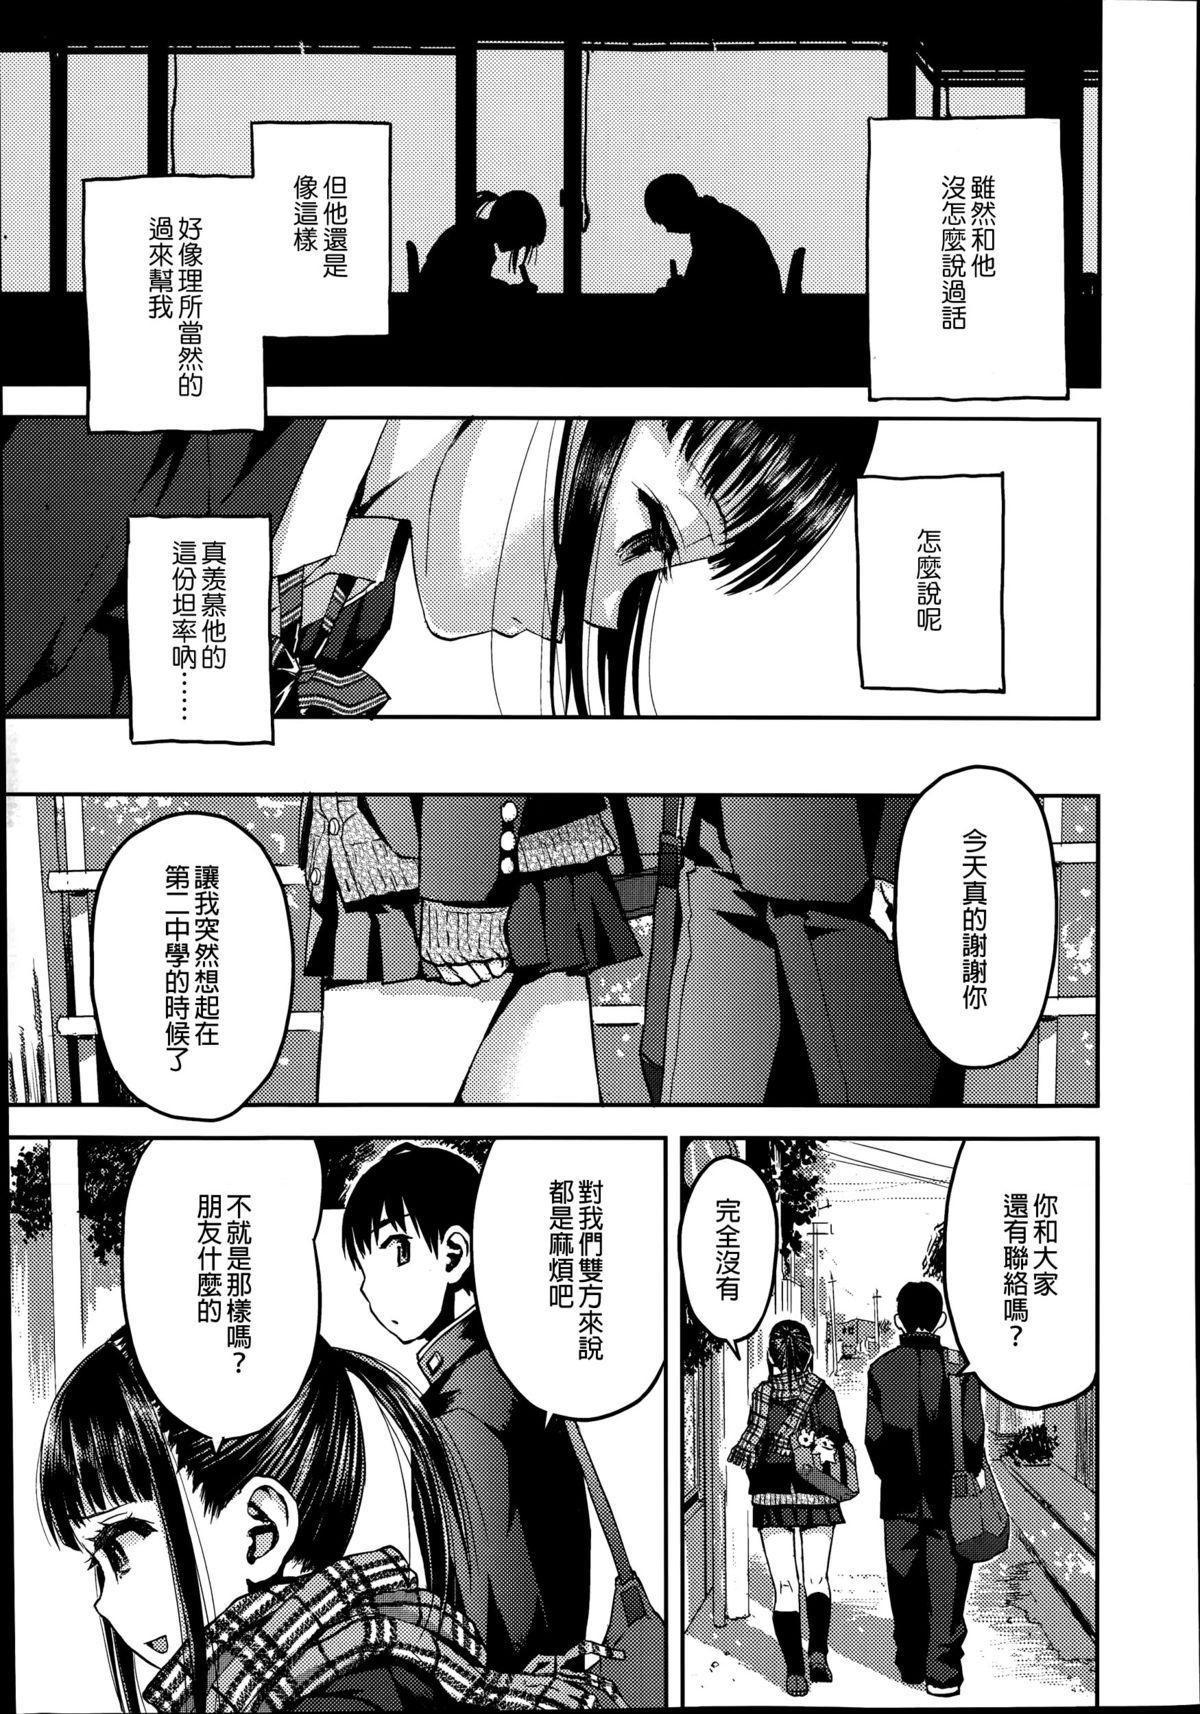 Kyoukaisen 5